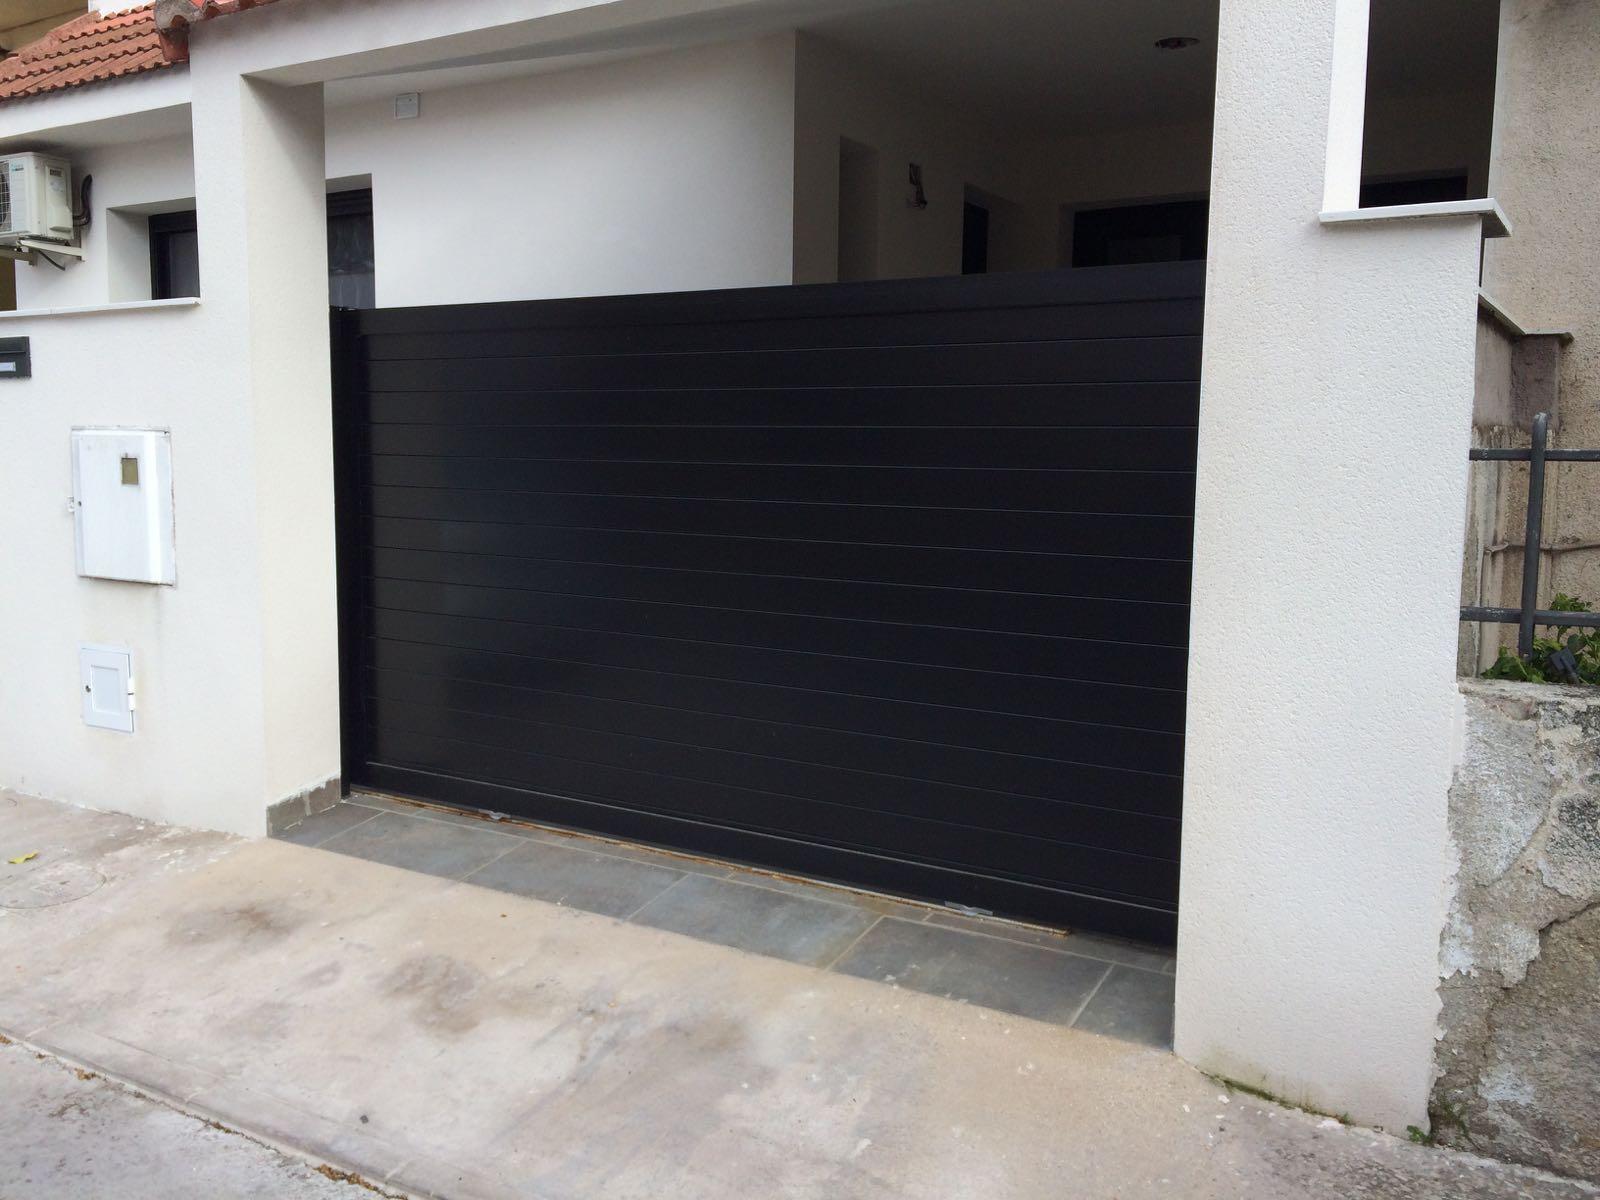 Puertas de aluminio para exterior de Marver aluminio soldado modelo